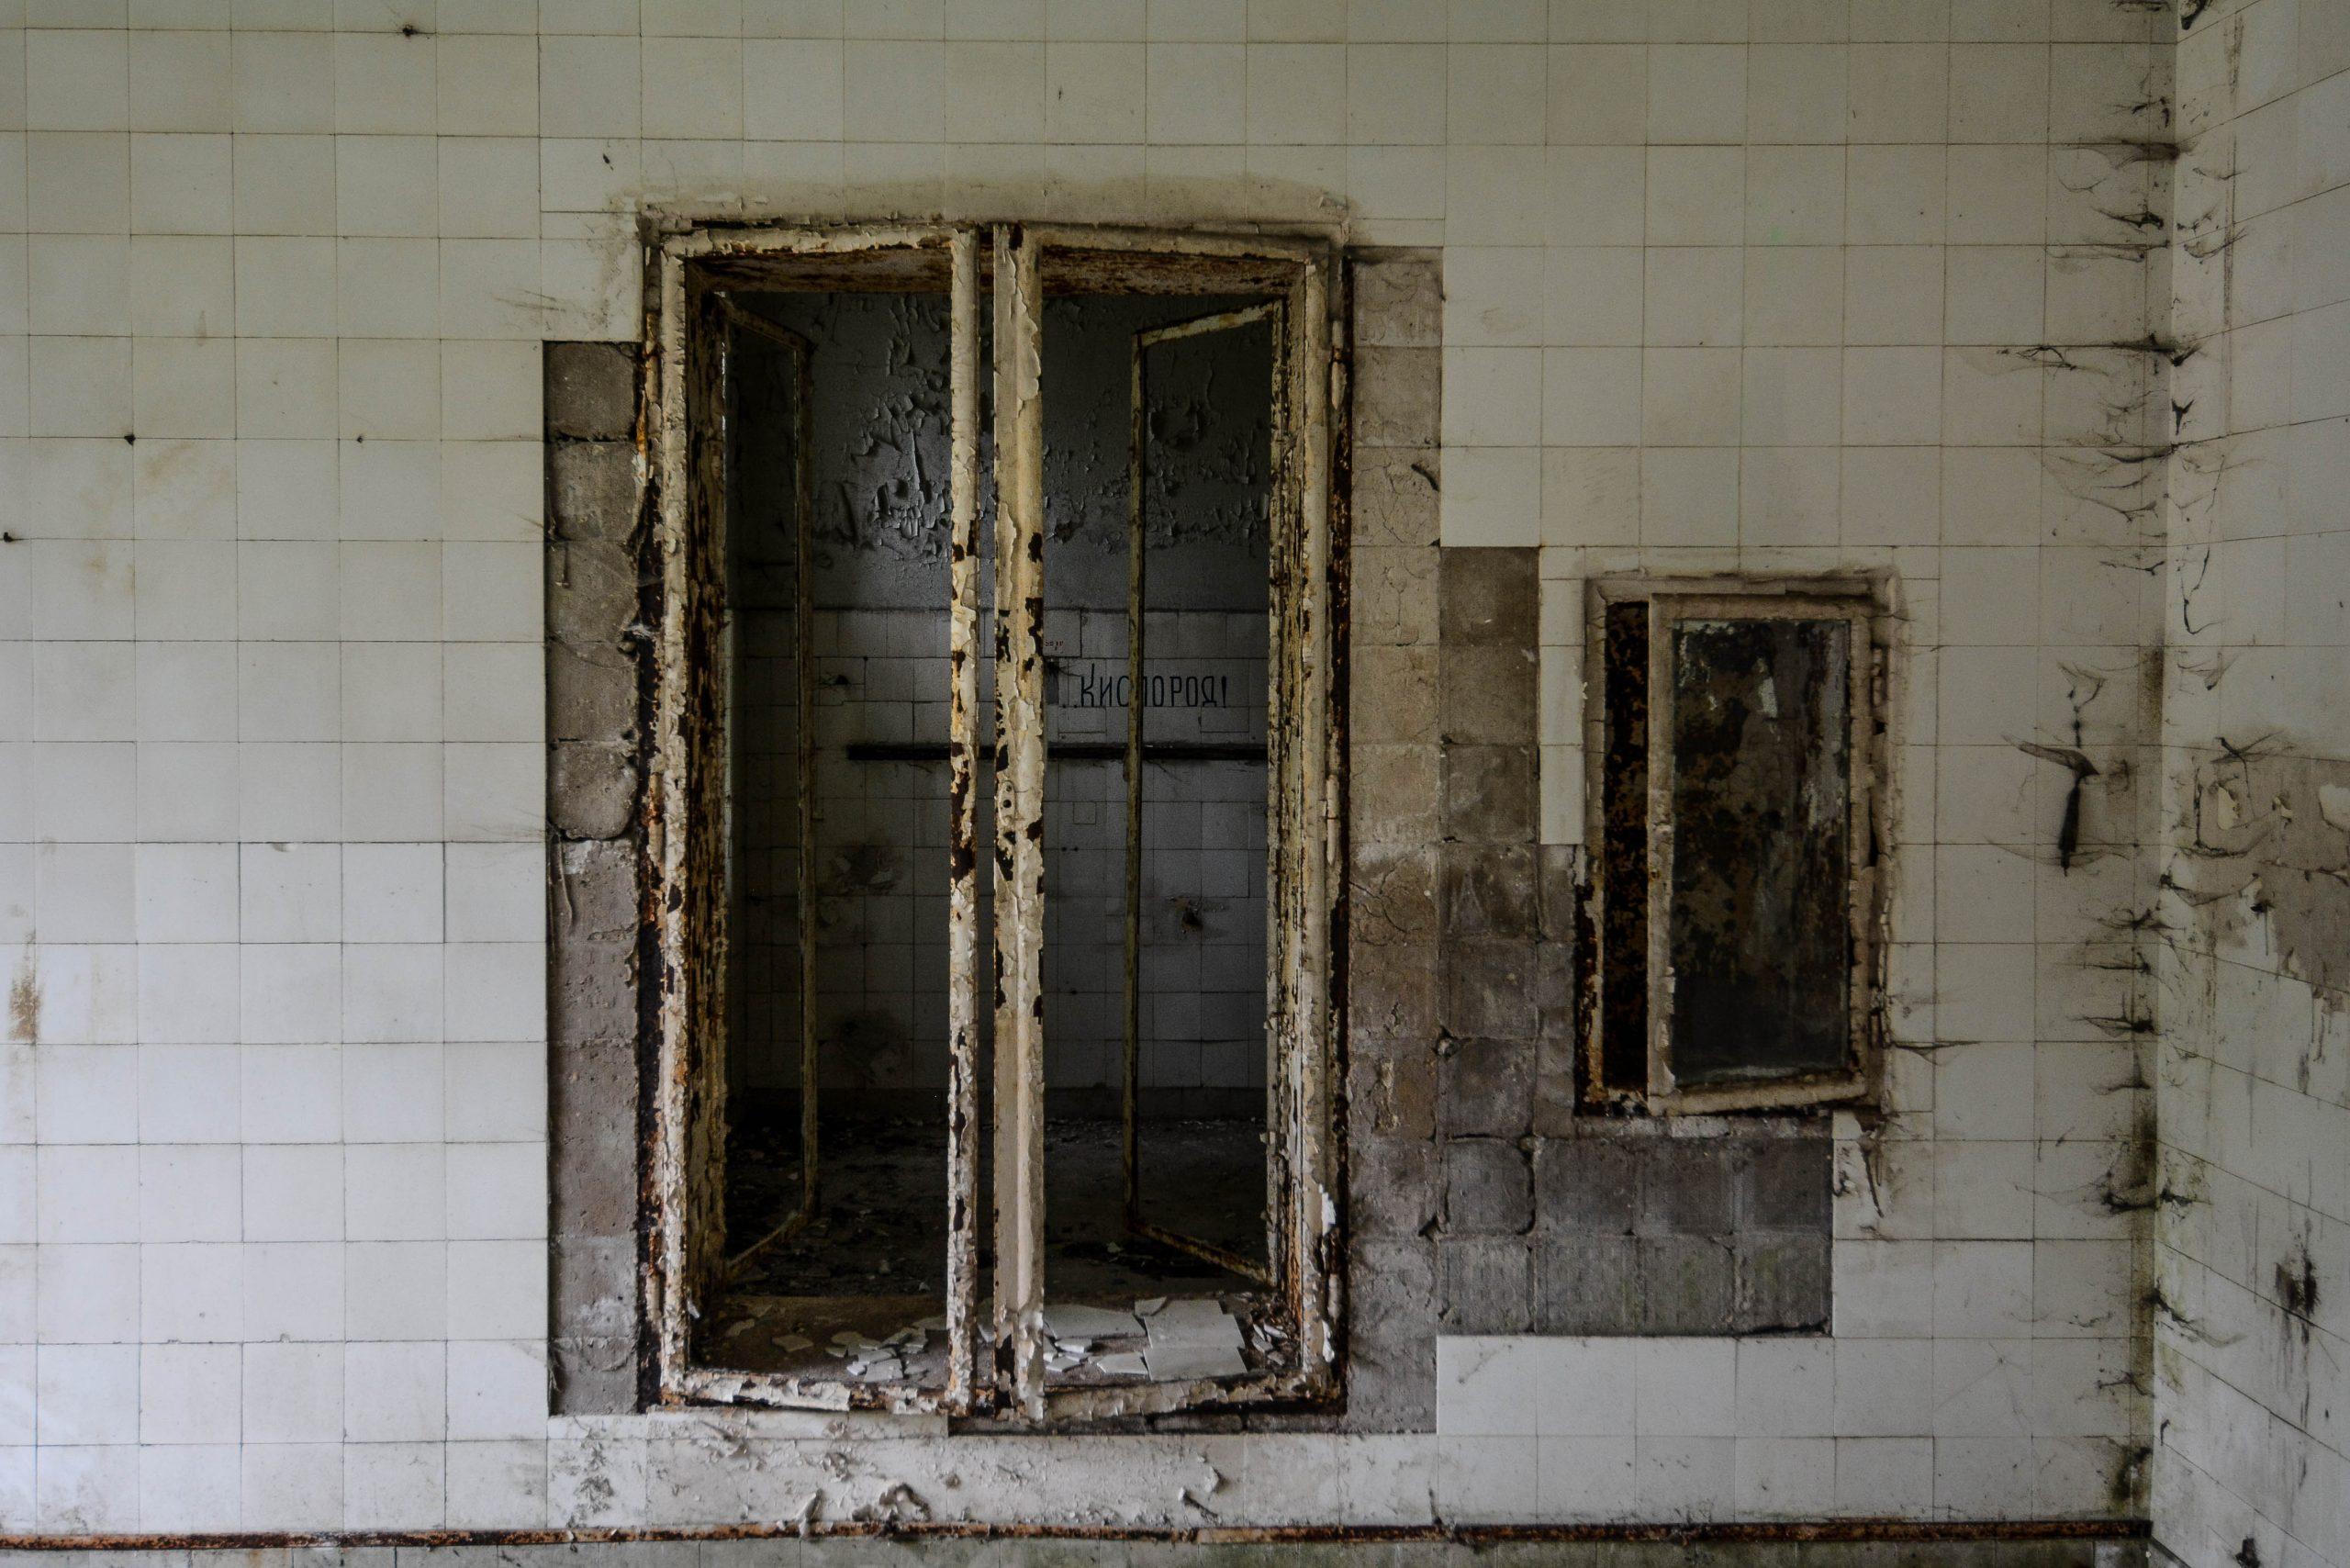 soviet oxygen storage tuberkulose heilstaette grabowsee sanatorium hospital oranienburg lost places abandoned urbex brandenburg germany deutschland